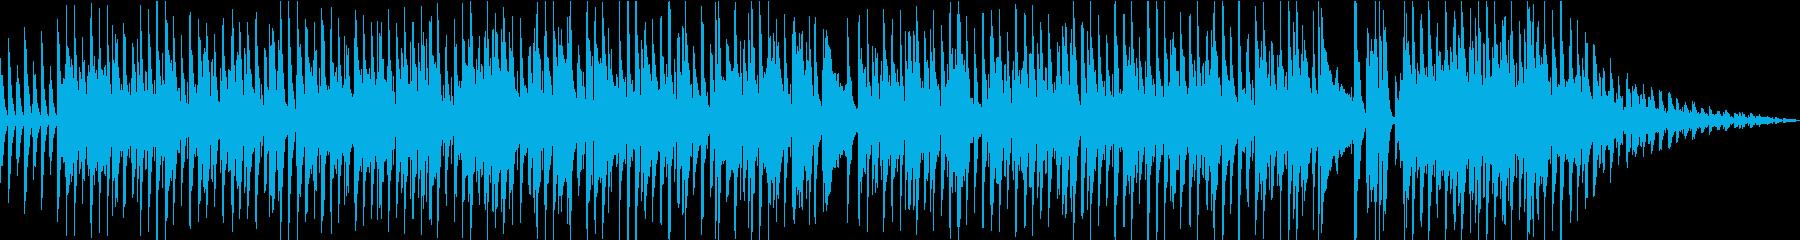 アップテンポ気味のポップなラグタイムの再生済みの波形